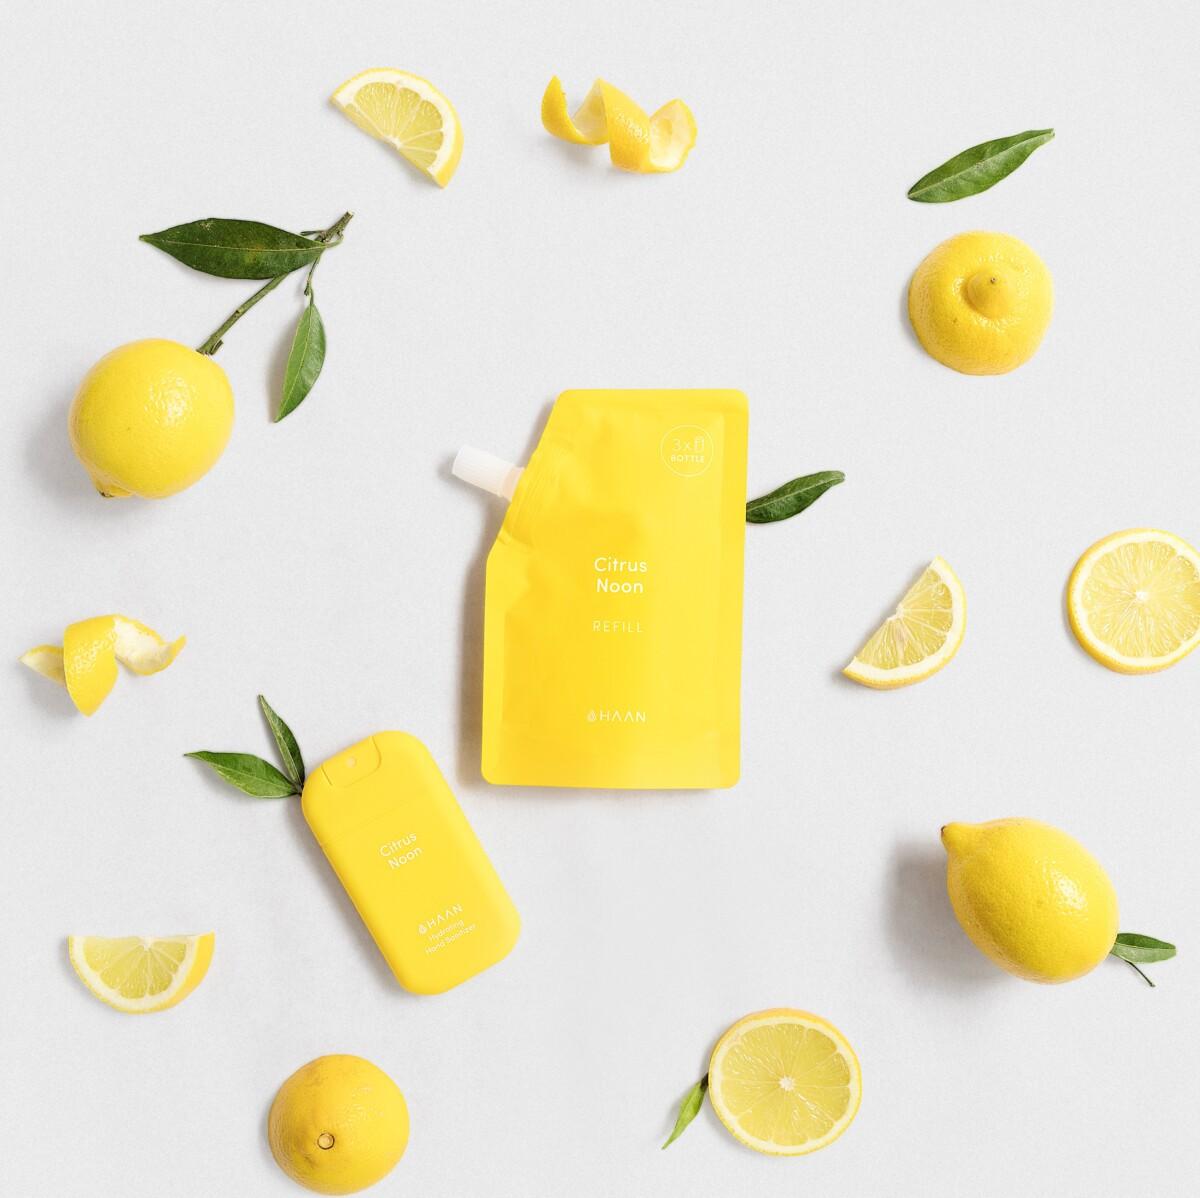 HAAN Hand Sanitizer Refill Citrus Noon